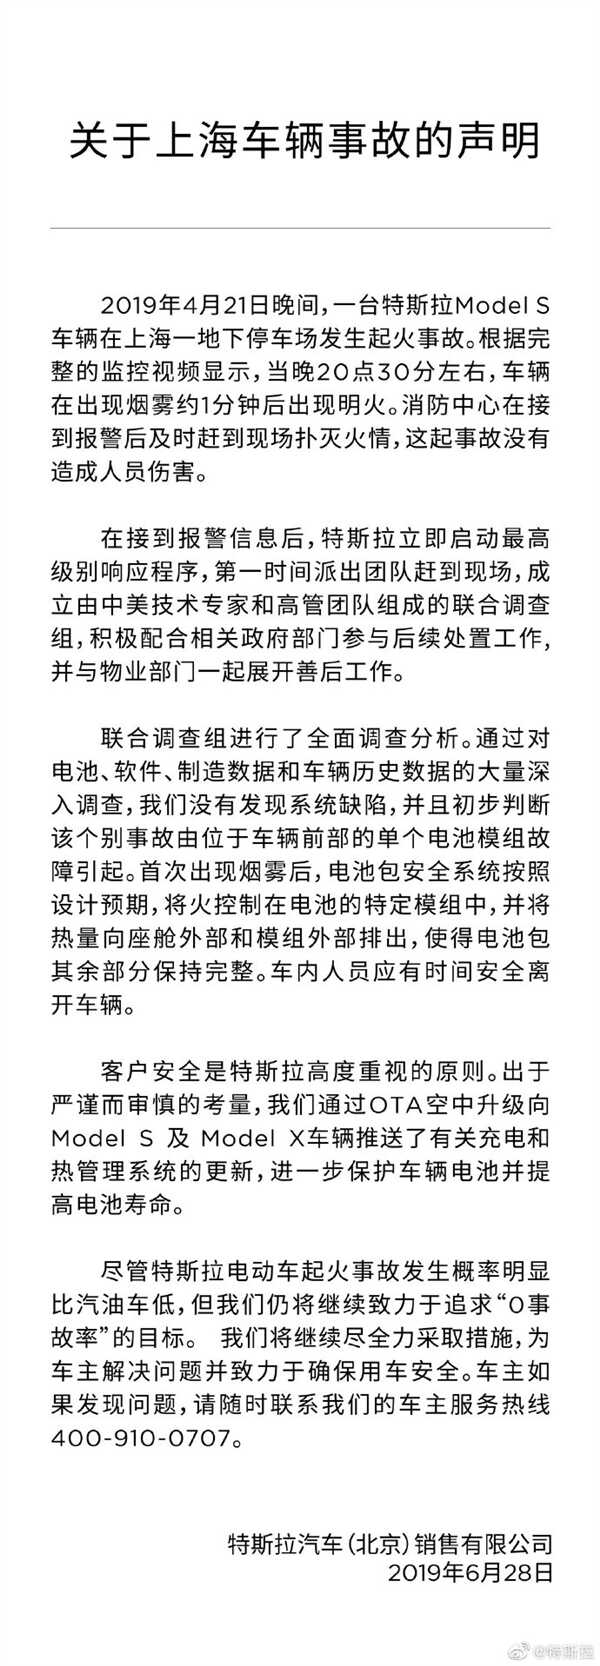 """特斯拉发布""""上海车辆事故""""声明:系电池模组故障没发现系统缺陷"""